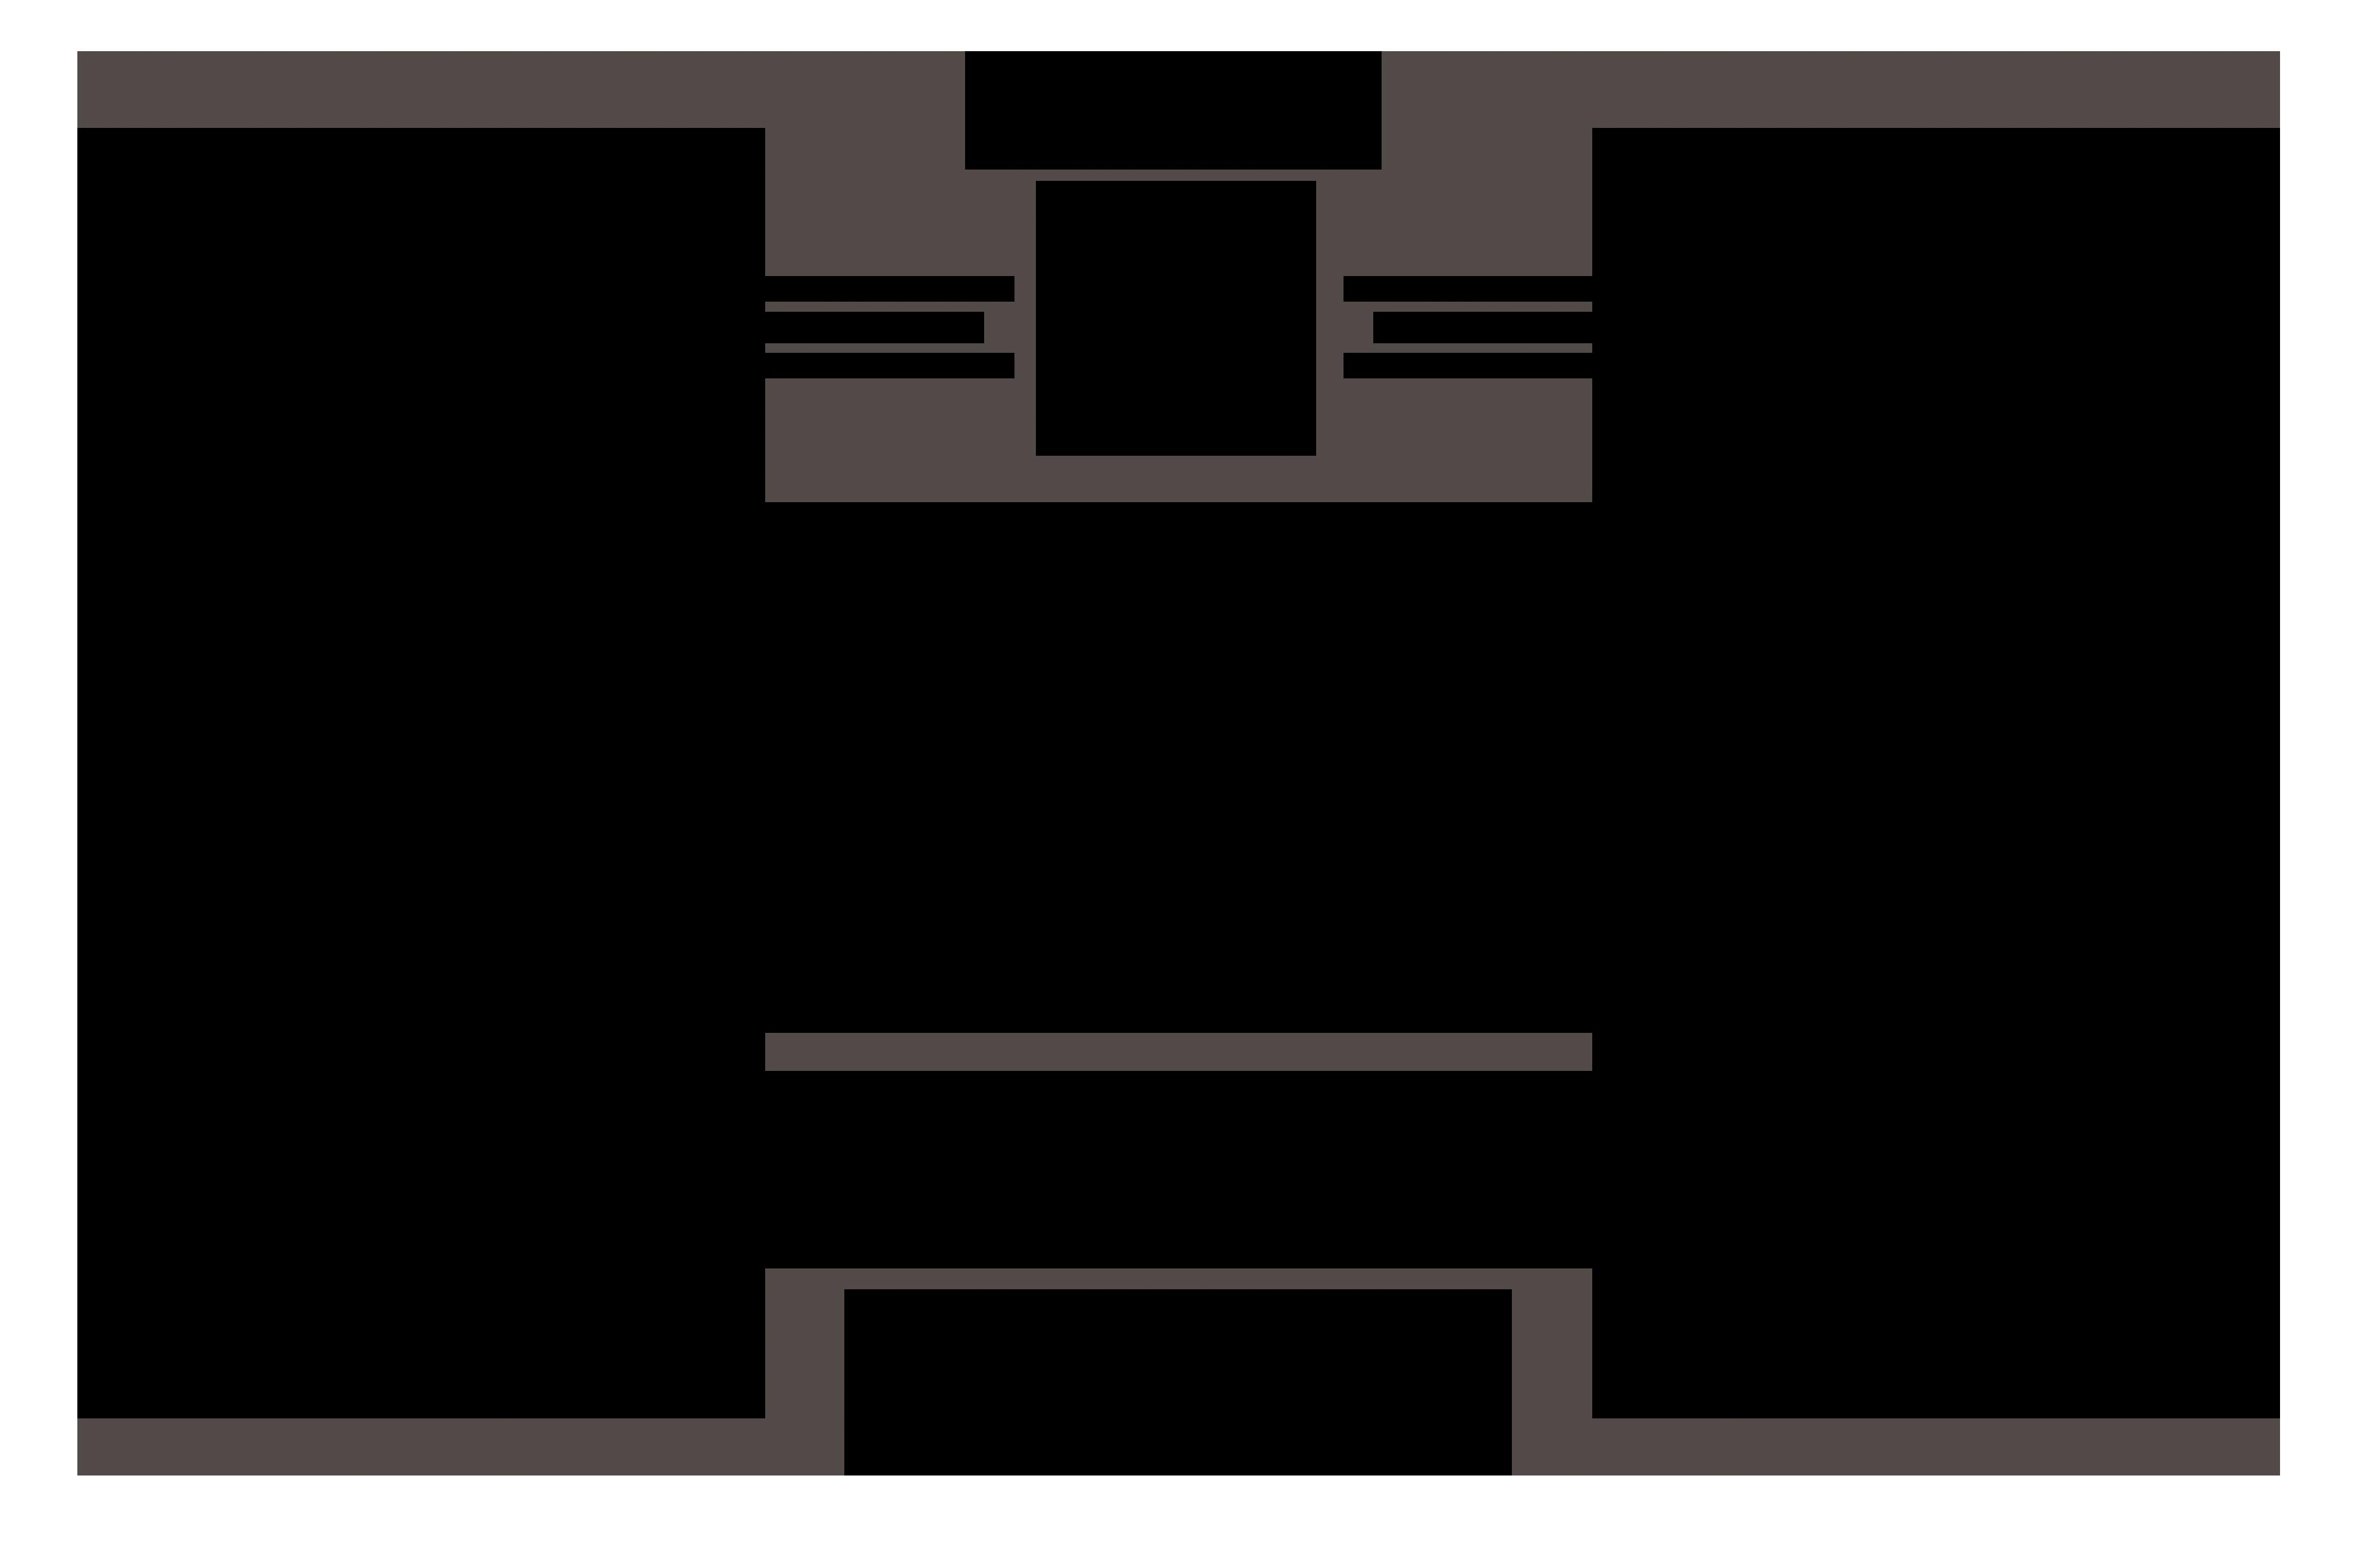 fotodiablacktransparent